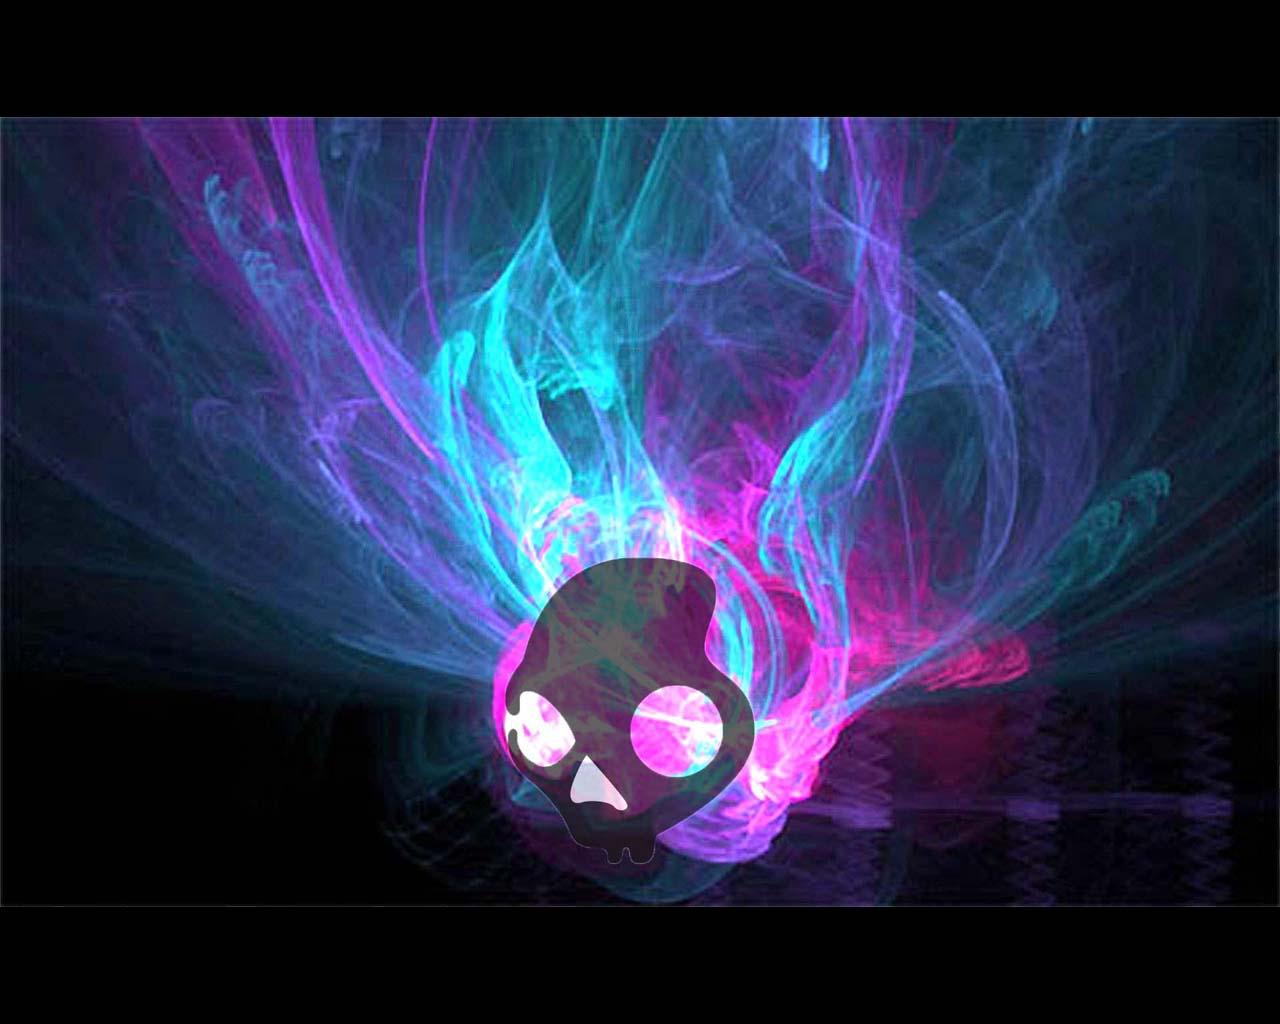 Wallpaper SkullCandy   Taringa 1280x1024